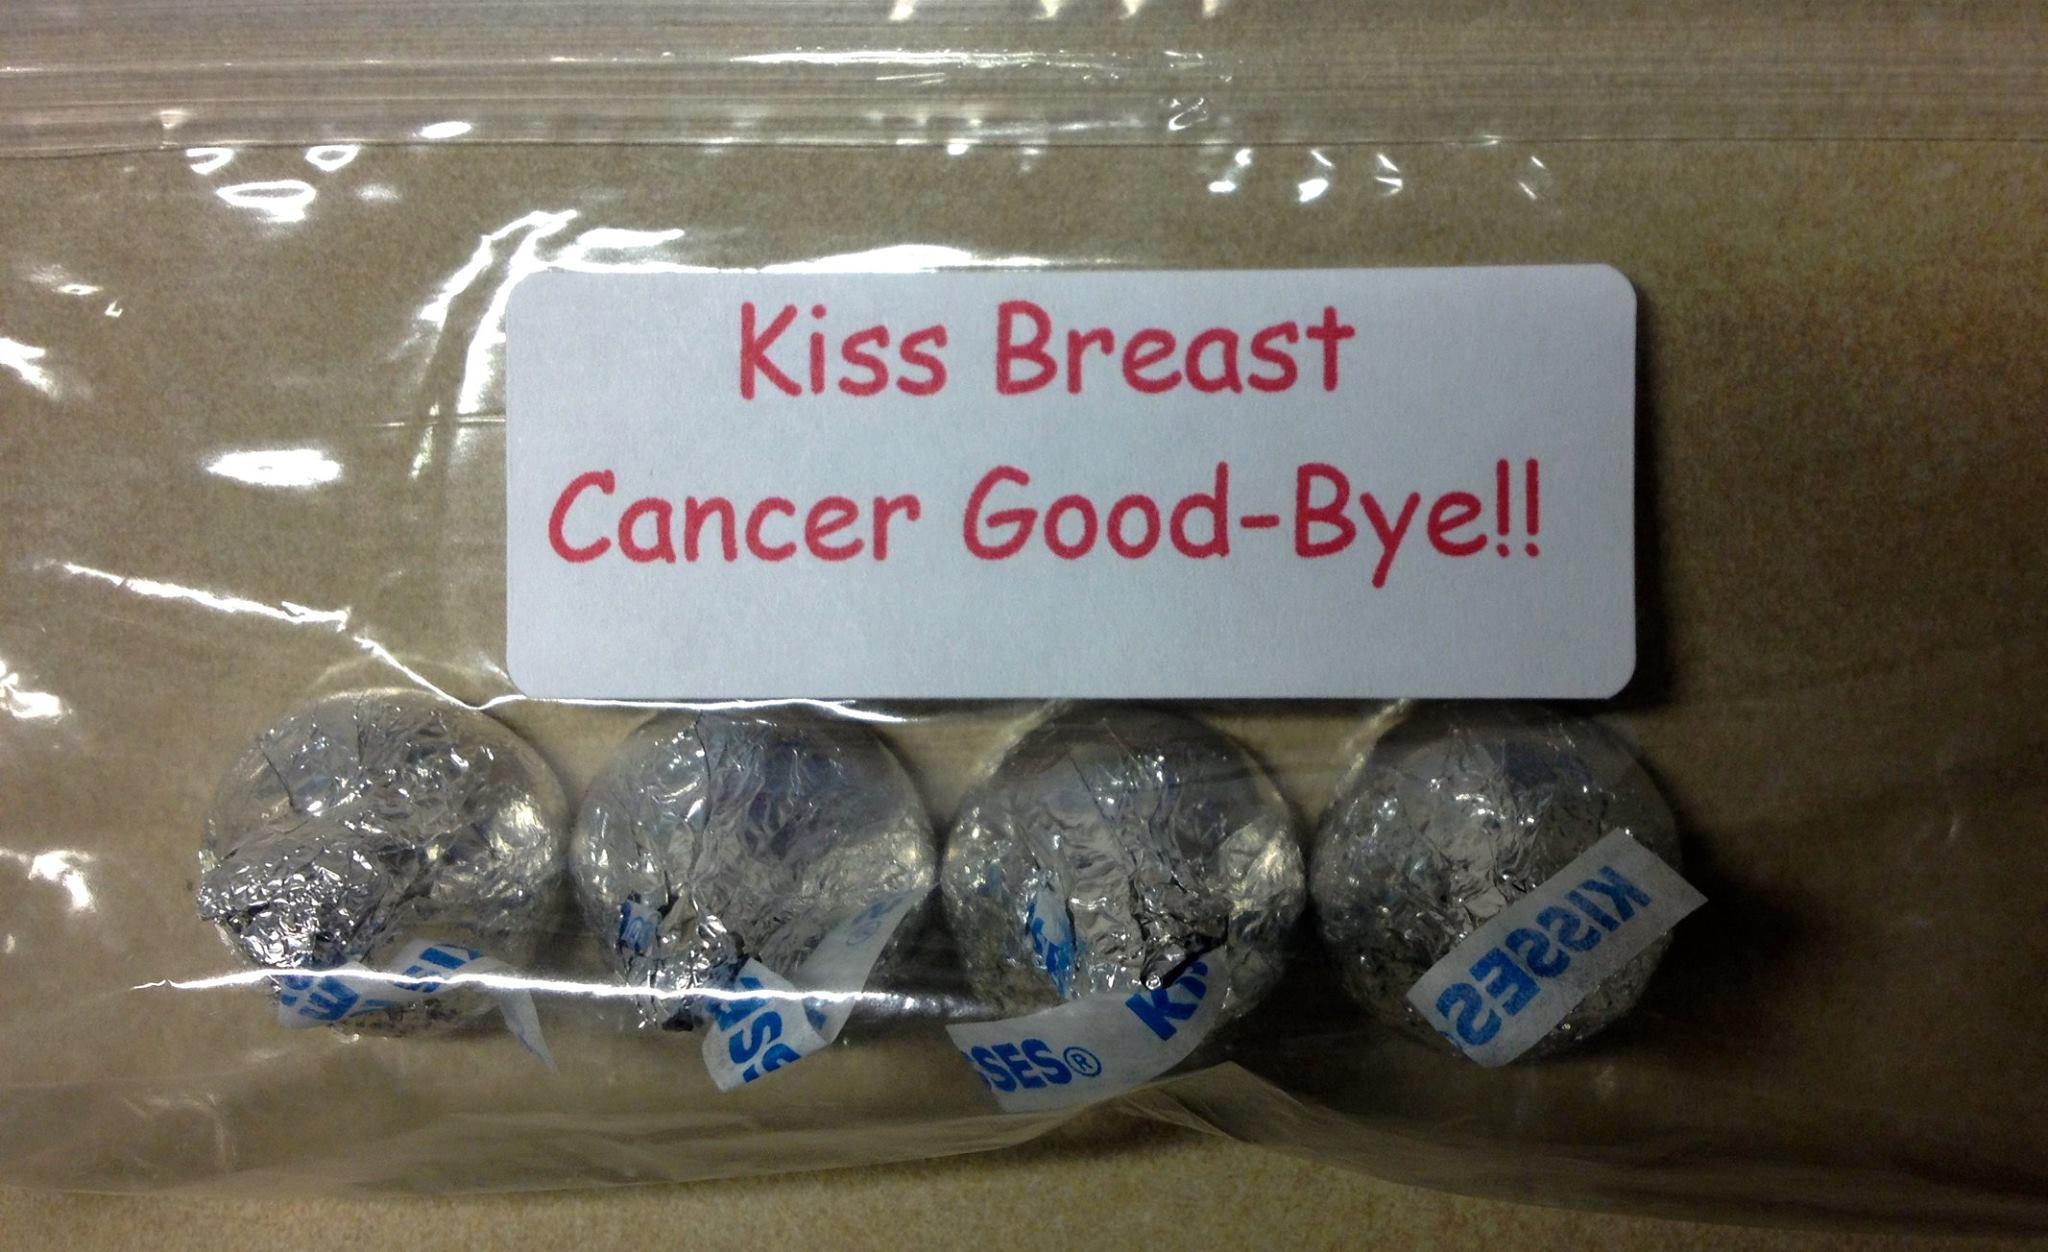 Kiss-Breast-Cancer-Good-Bye